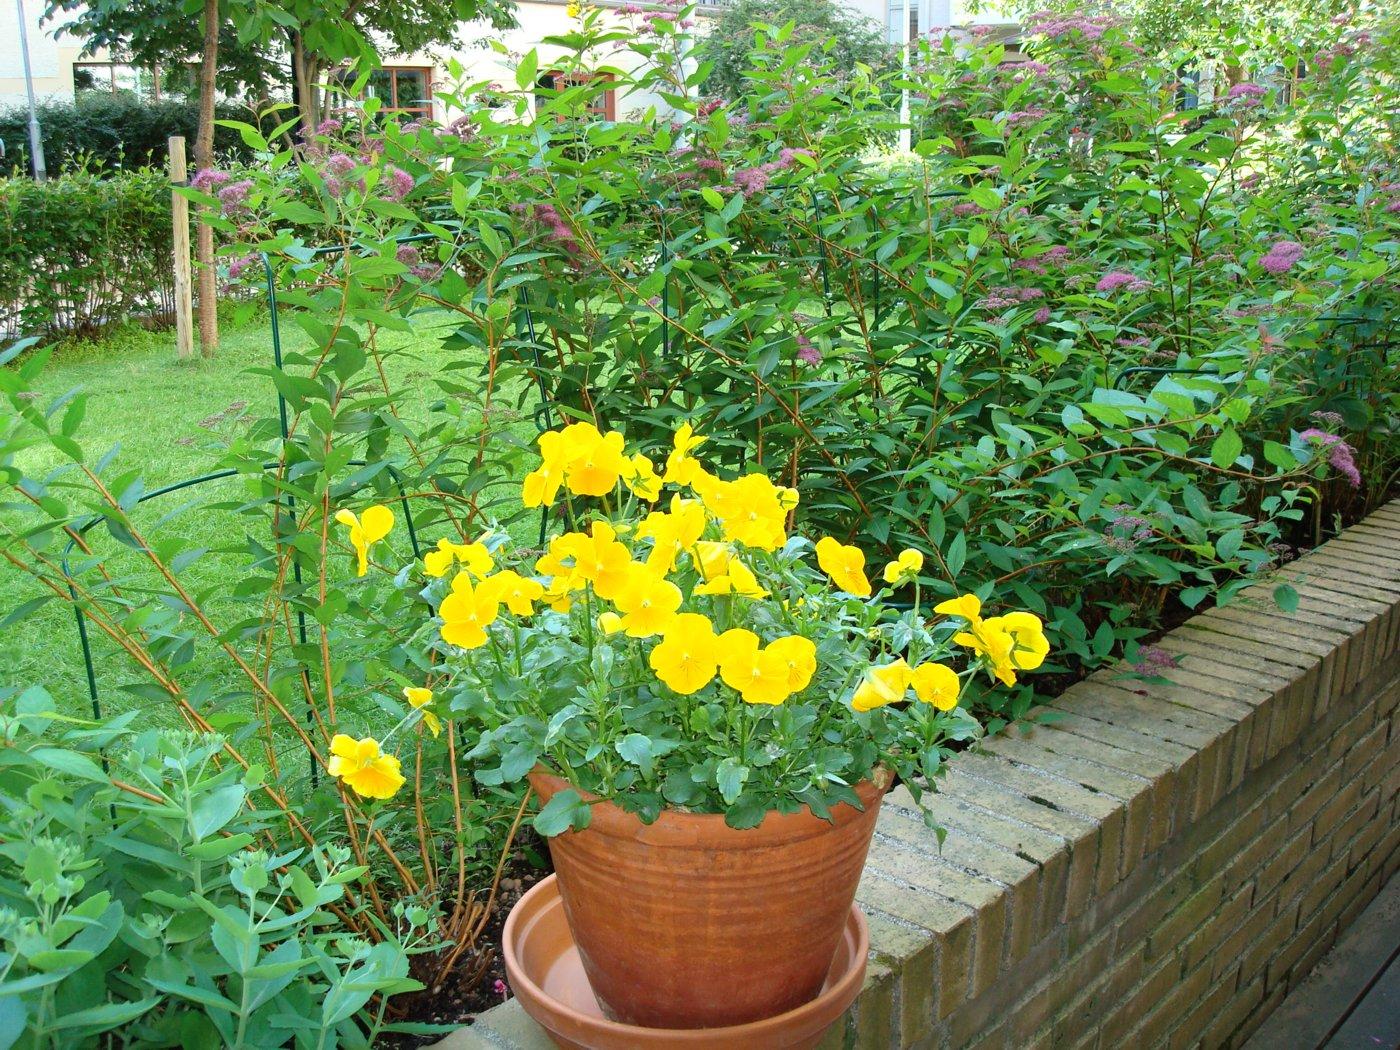 blommor den 3 juli 2007